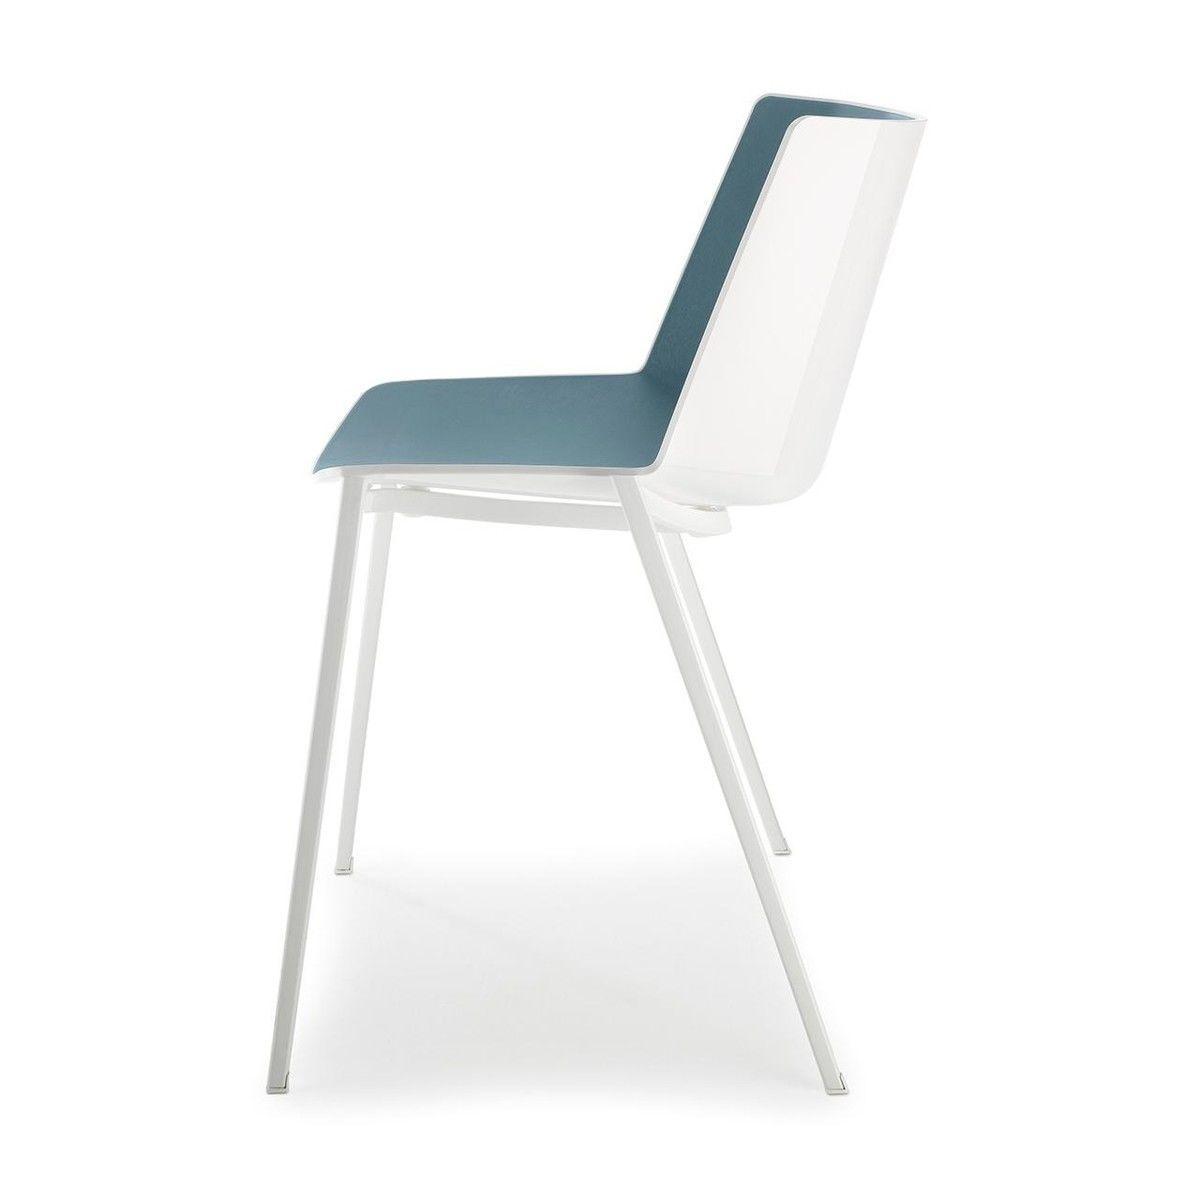 Aiku chaise avec pieds en forme de coin mdf italia for Chaise en forme de main